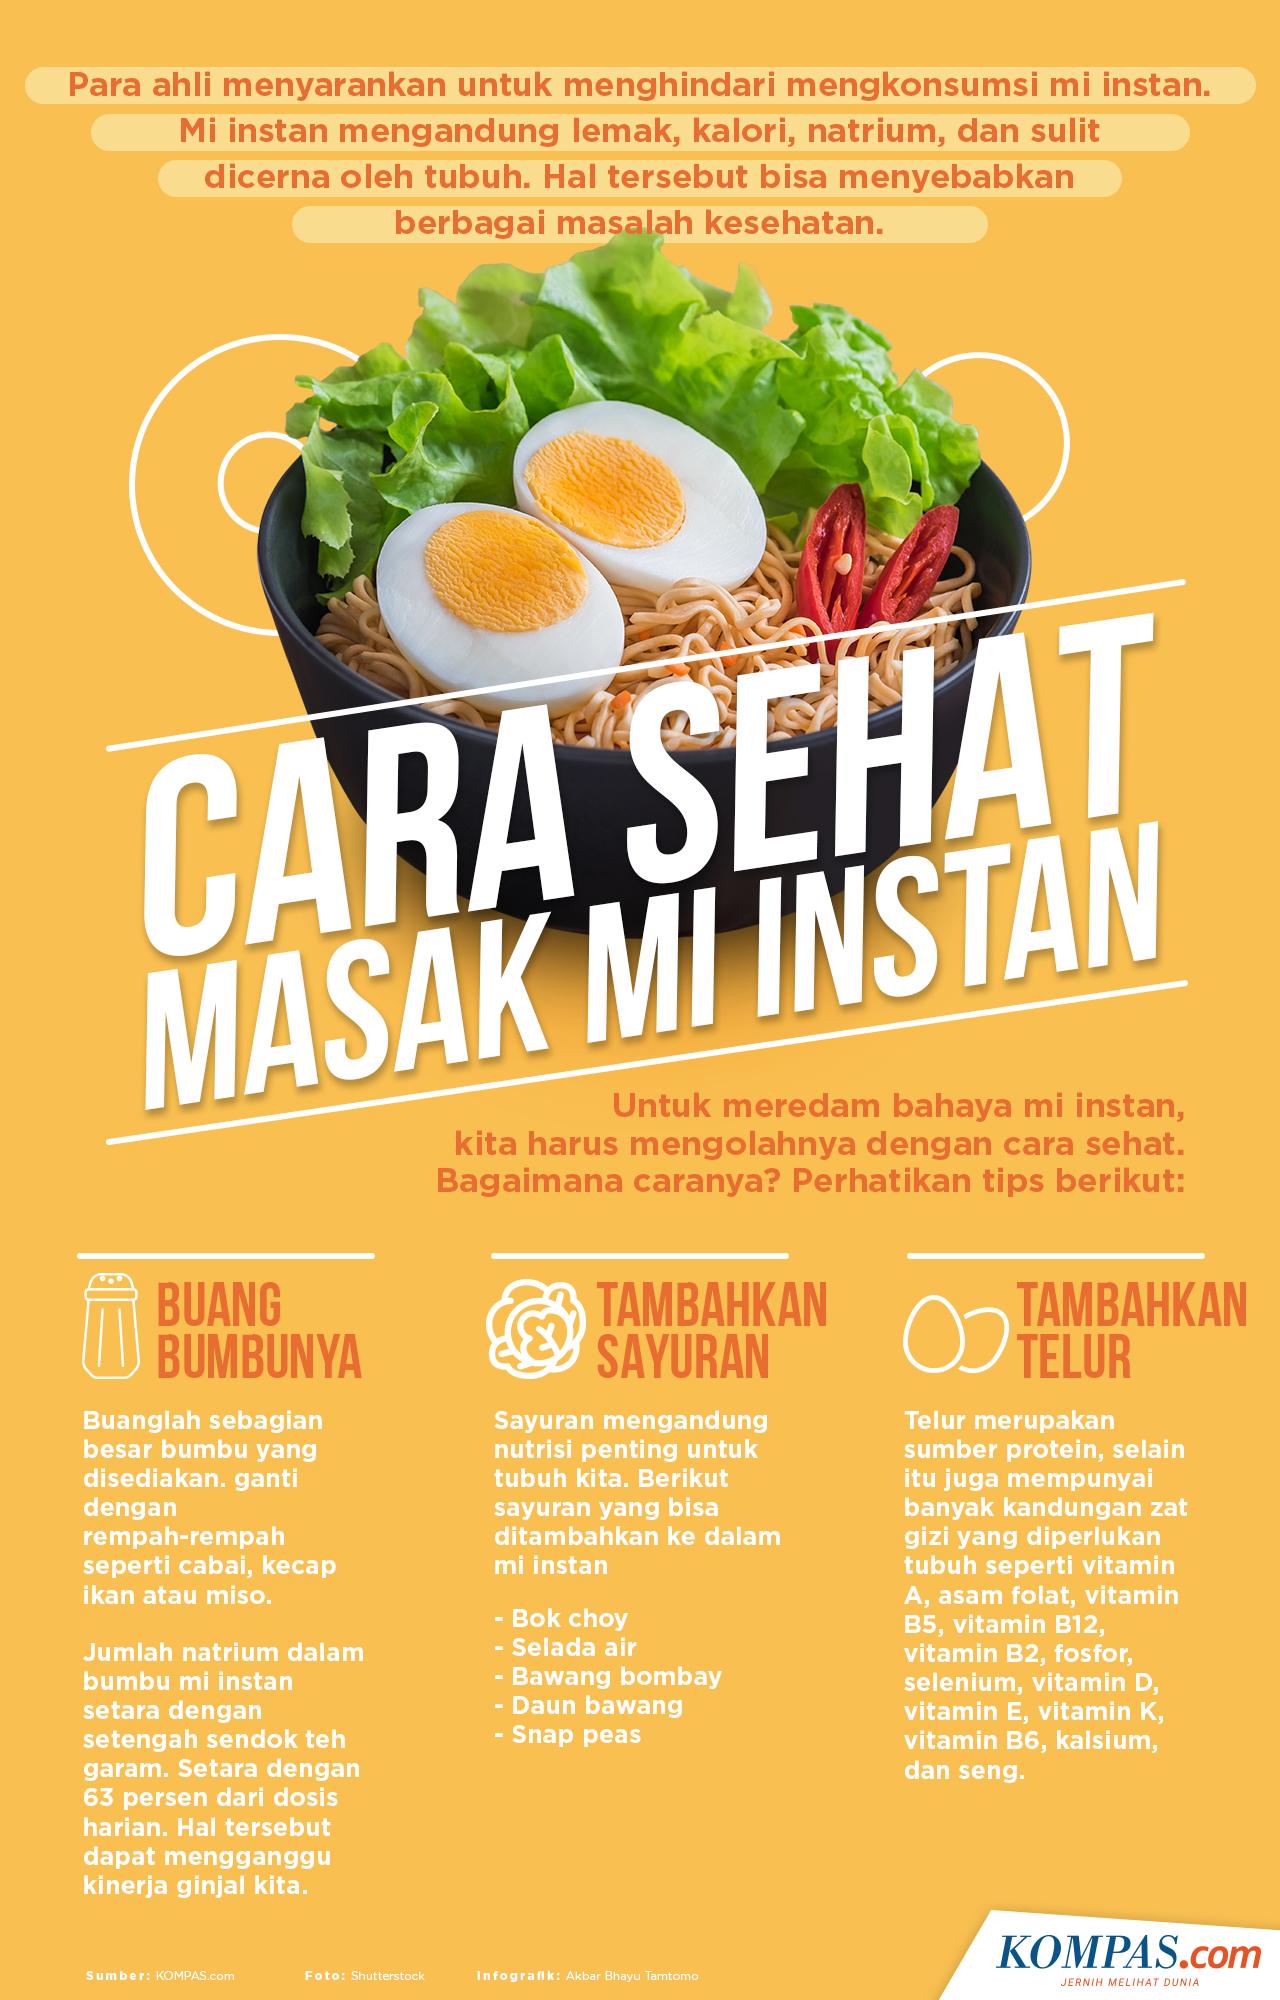 Gambar Iklan Makanan Sehat : gambar, iklan, makanan, sehat, INFOGRAFIK:, Bikin, Instan, Makanan, Sehat